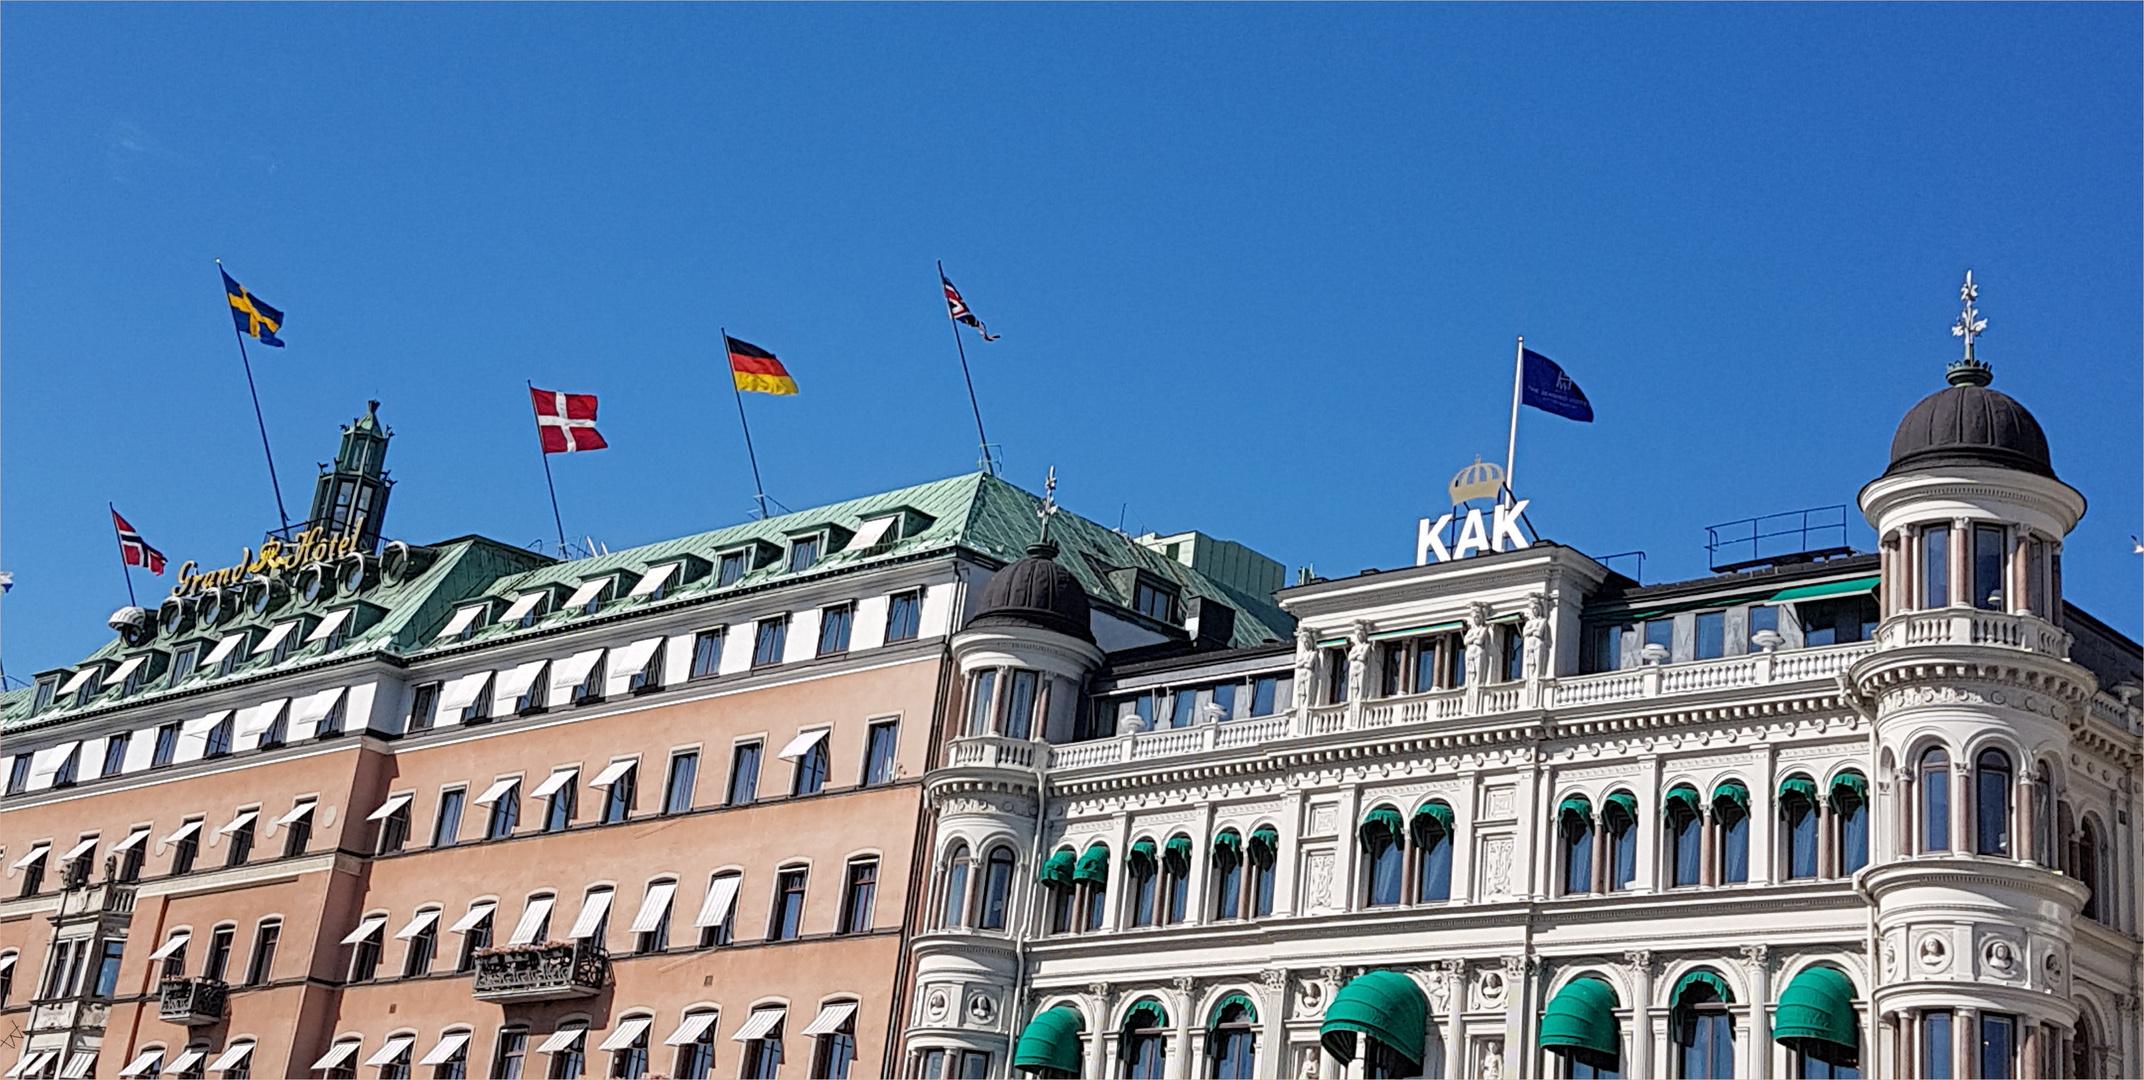 KAK- und Grand Hotel nebeneinander.